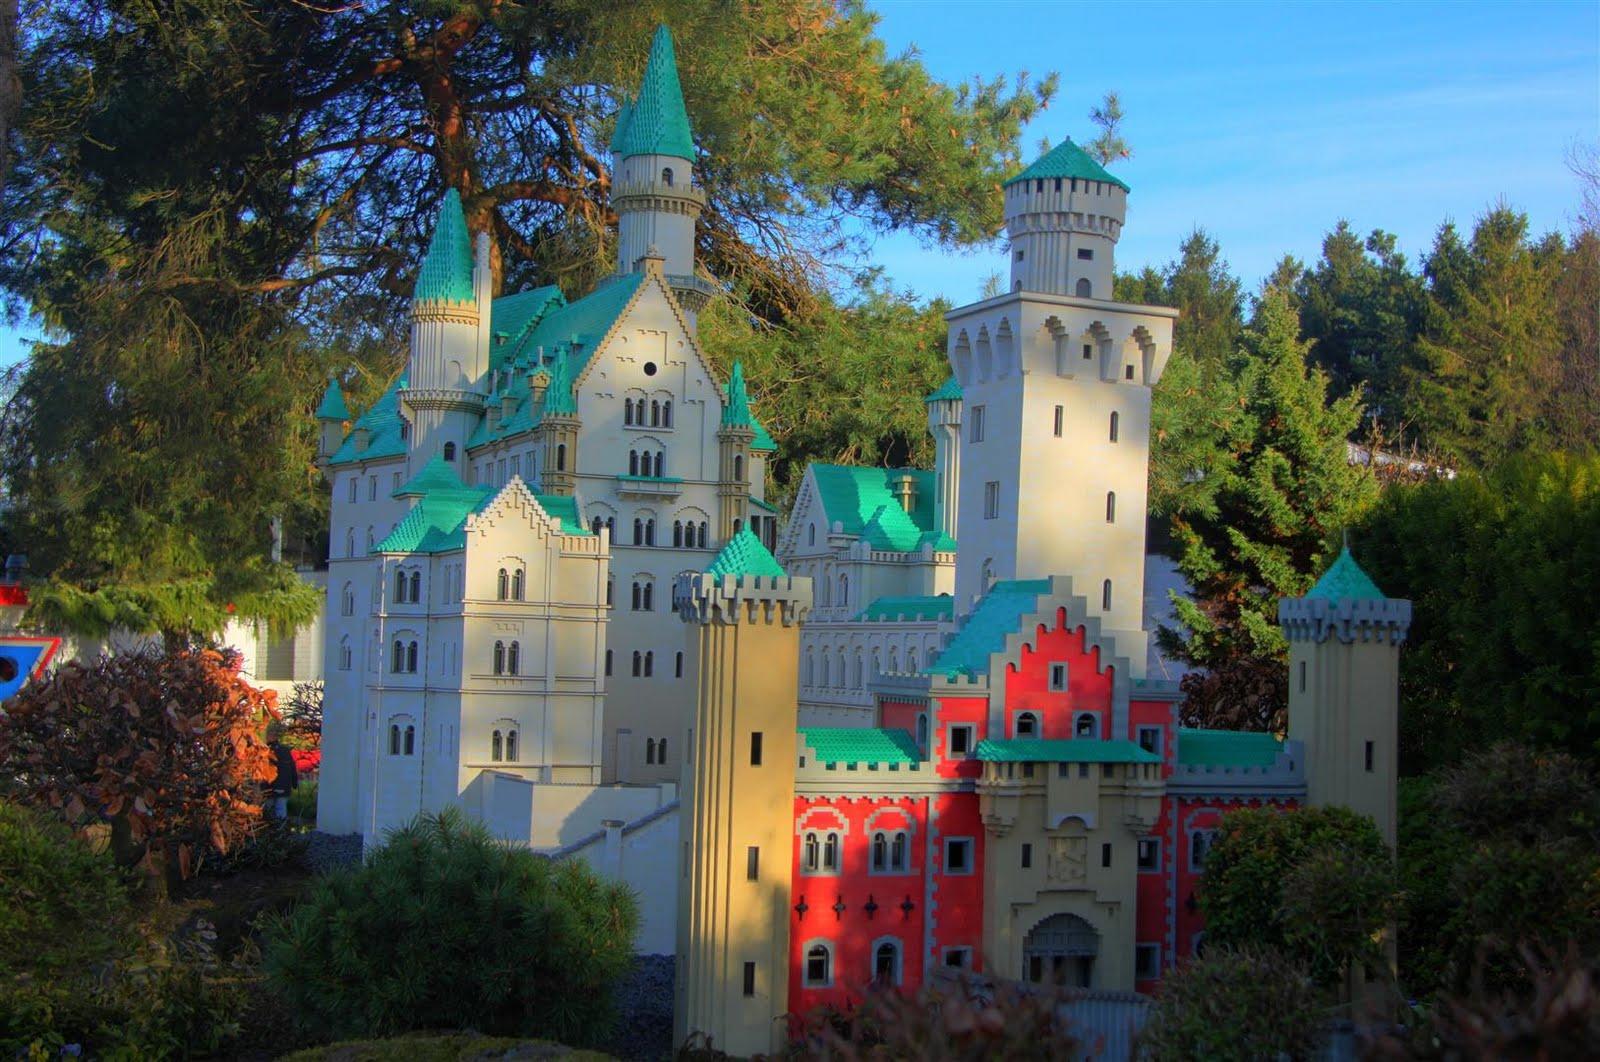 Denmark - Vejle & Legoland   Europe By Camper - Travelling ...